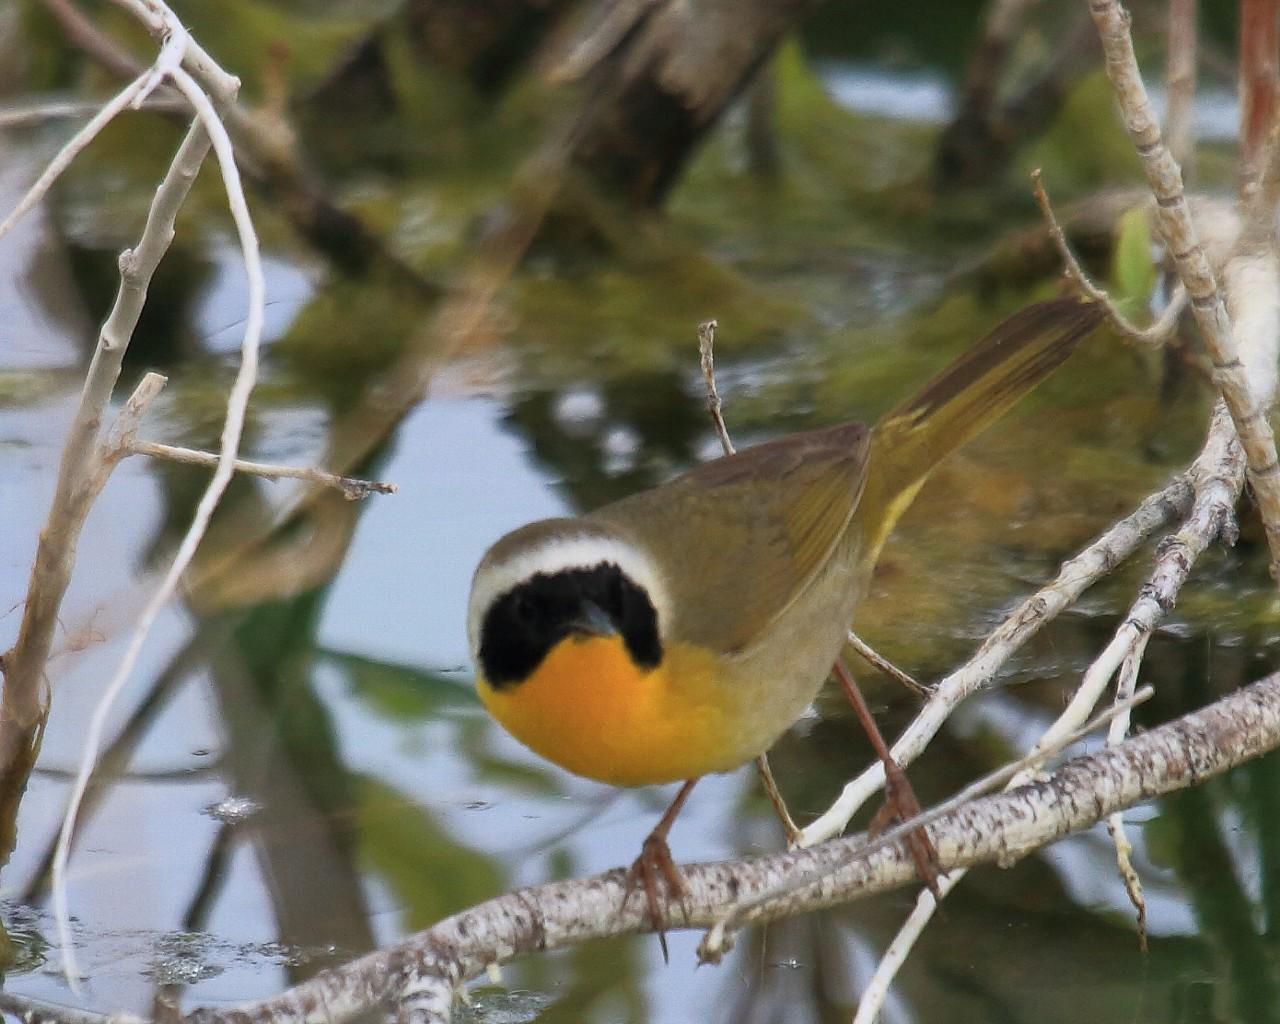 ネヴァダ州の鳥その4: カオグロアメリカムシクイ_f0105570_2245013.jpg